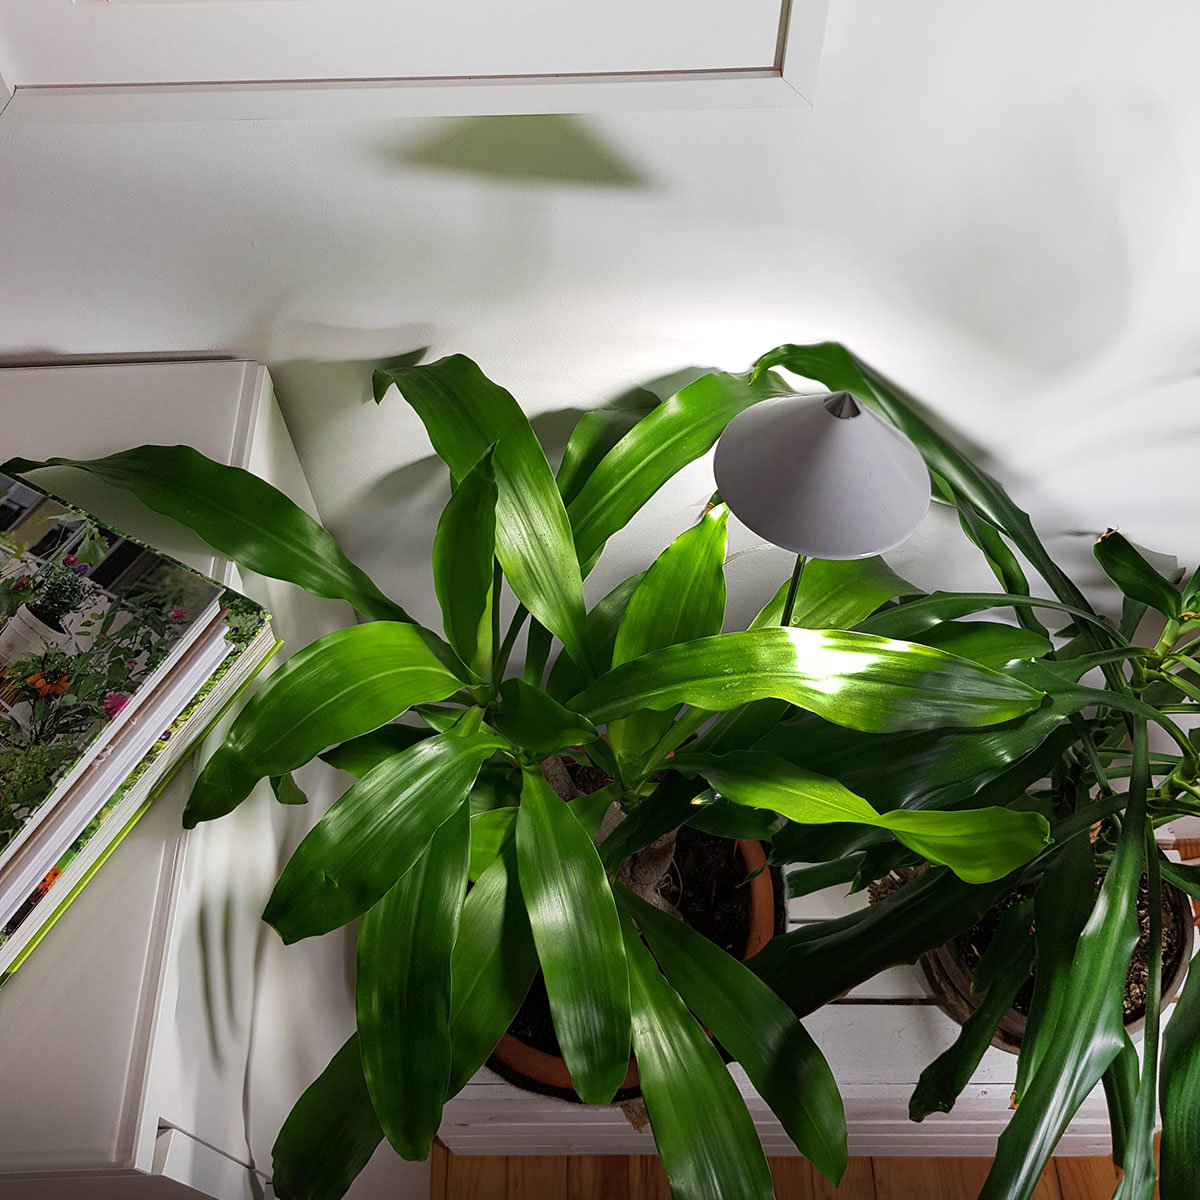 Sunlite Pflanzenlampe, 7 W, 28-100 cm, Ø 11, Kabel 4 m,Aluminium, weiß | #2